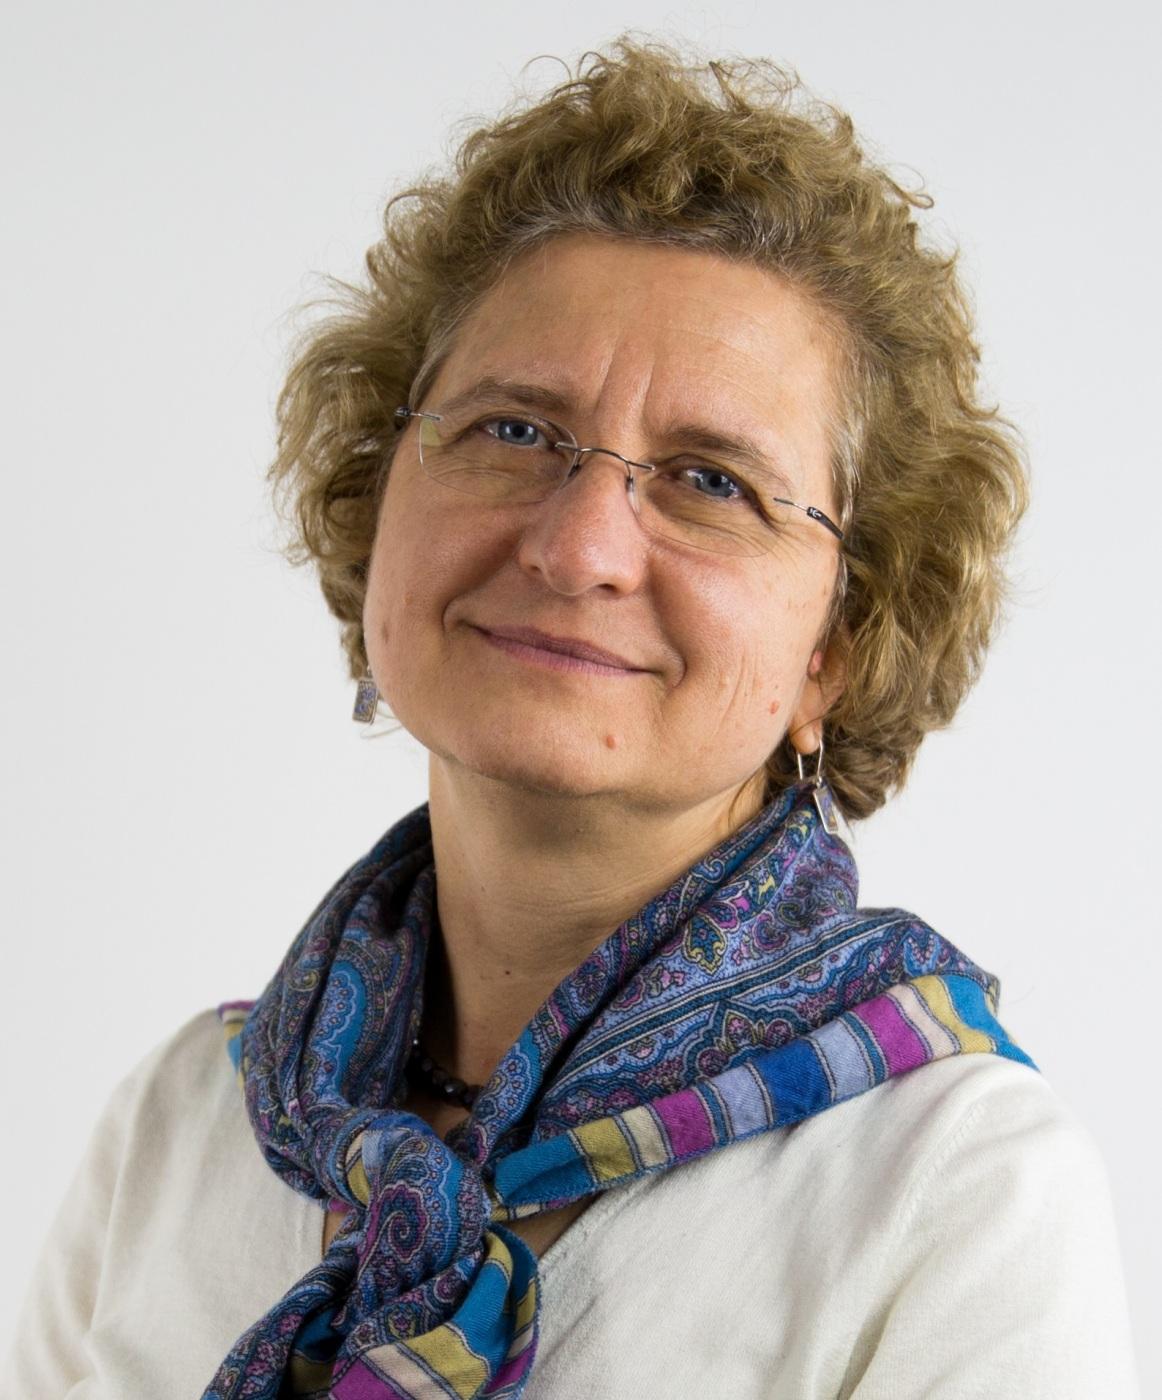 博士,现任B&W Tek的市场和客户开发总监。她是一名经过认证的光谱学家,拥有多年的光谱学和化学计量学经验。曾与葛兰素史克、CAMO软件公司和Foss NIRSystems等公司合作,为电子、化学和制药行业提供工艺理解和解决问题的能力。担任《过程分析技术:针对化学和制药工业的光谱方法和实施策略》一书的主编,SAS研究员。曾任Applied Spectroscopy and for NIRNews杂志的副主编。她是近红外光谱委员会(CNIRS)的前任主席,也是ASTM E13、E54和E55委员会的成员。